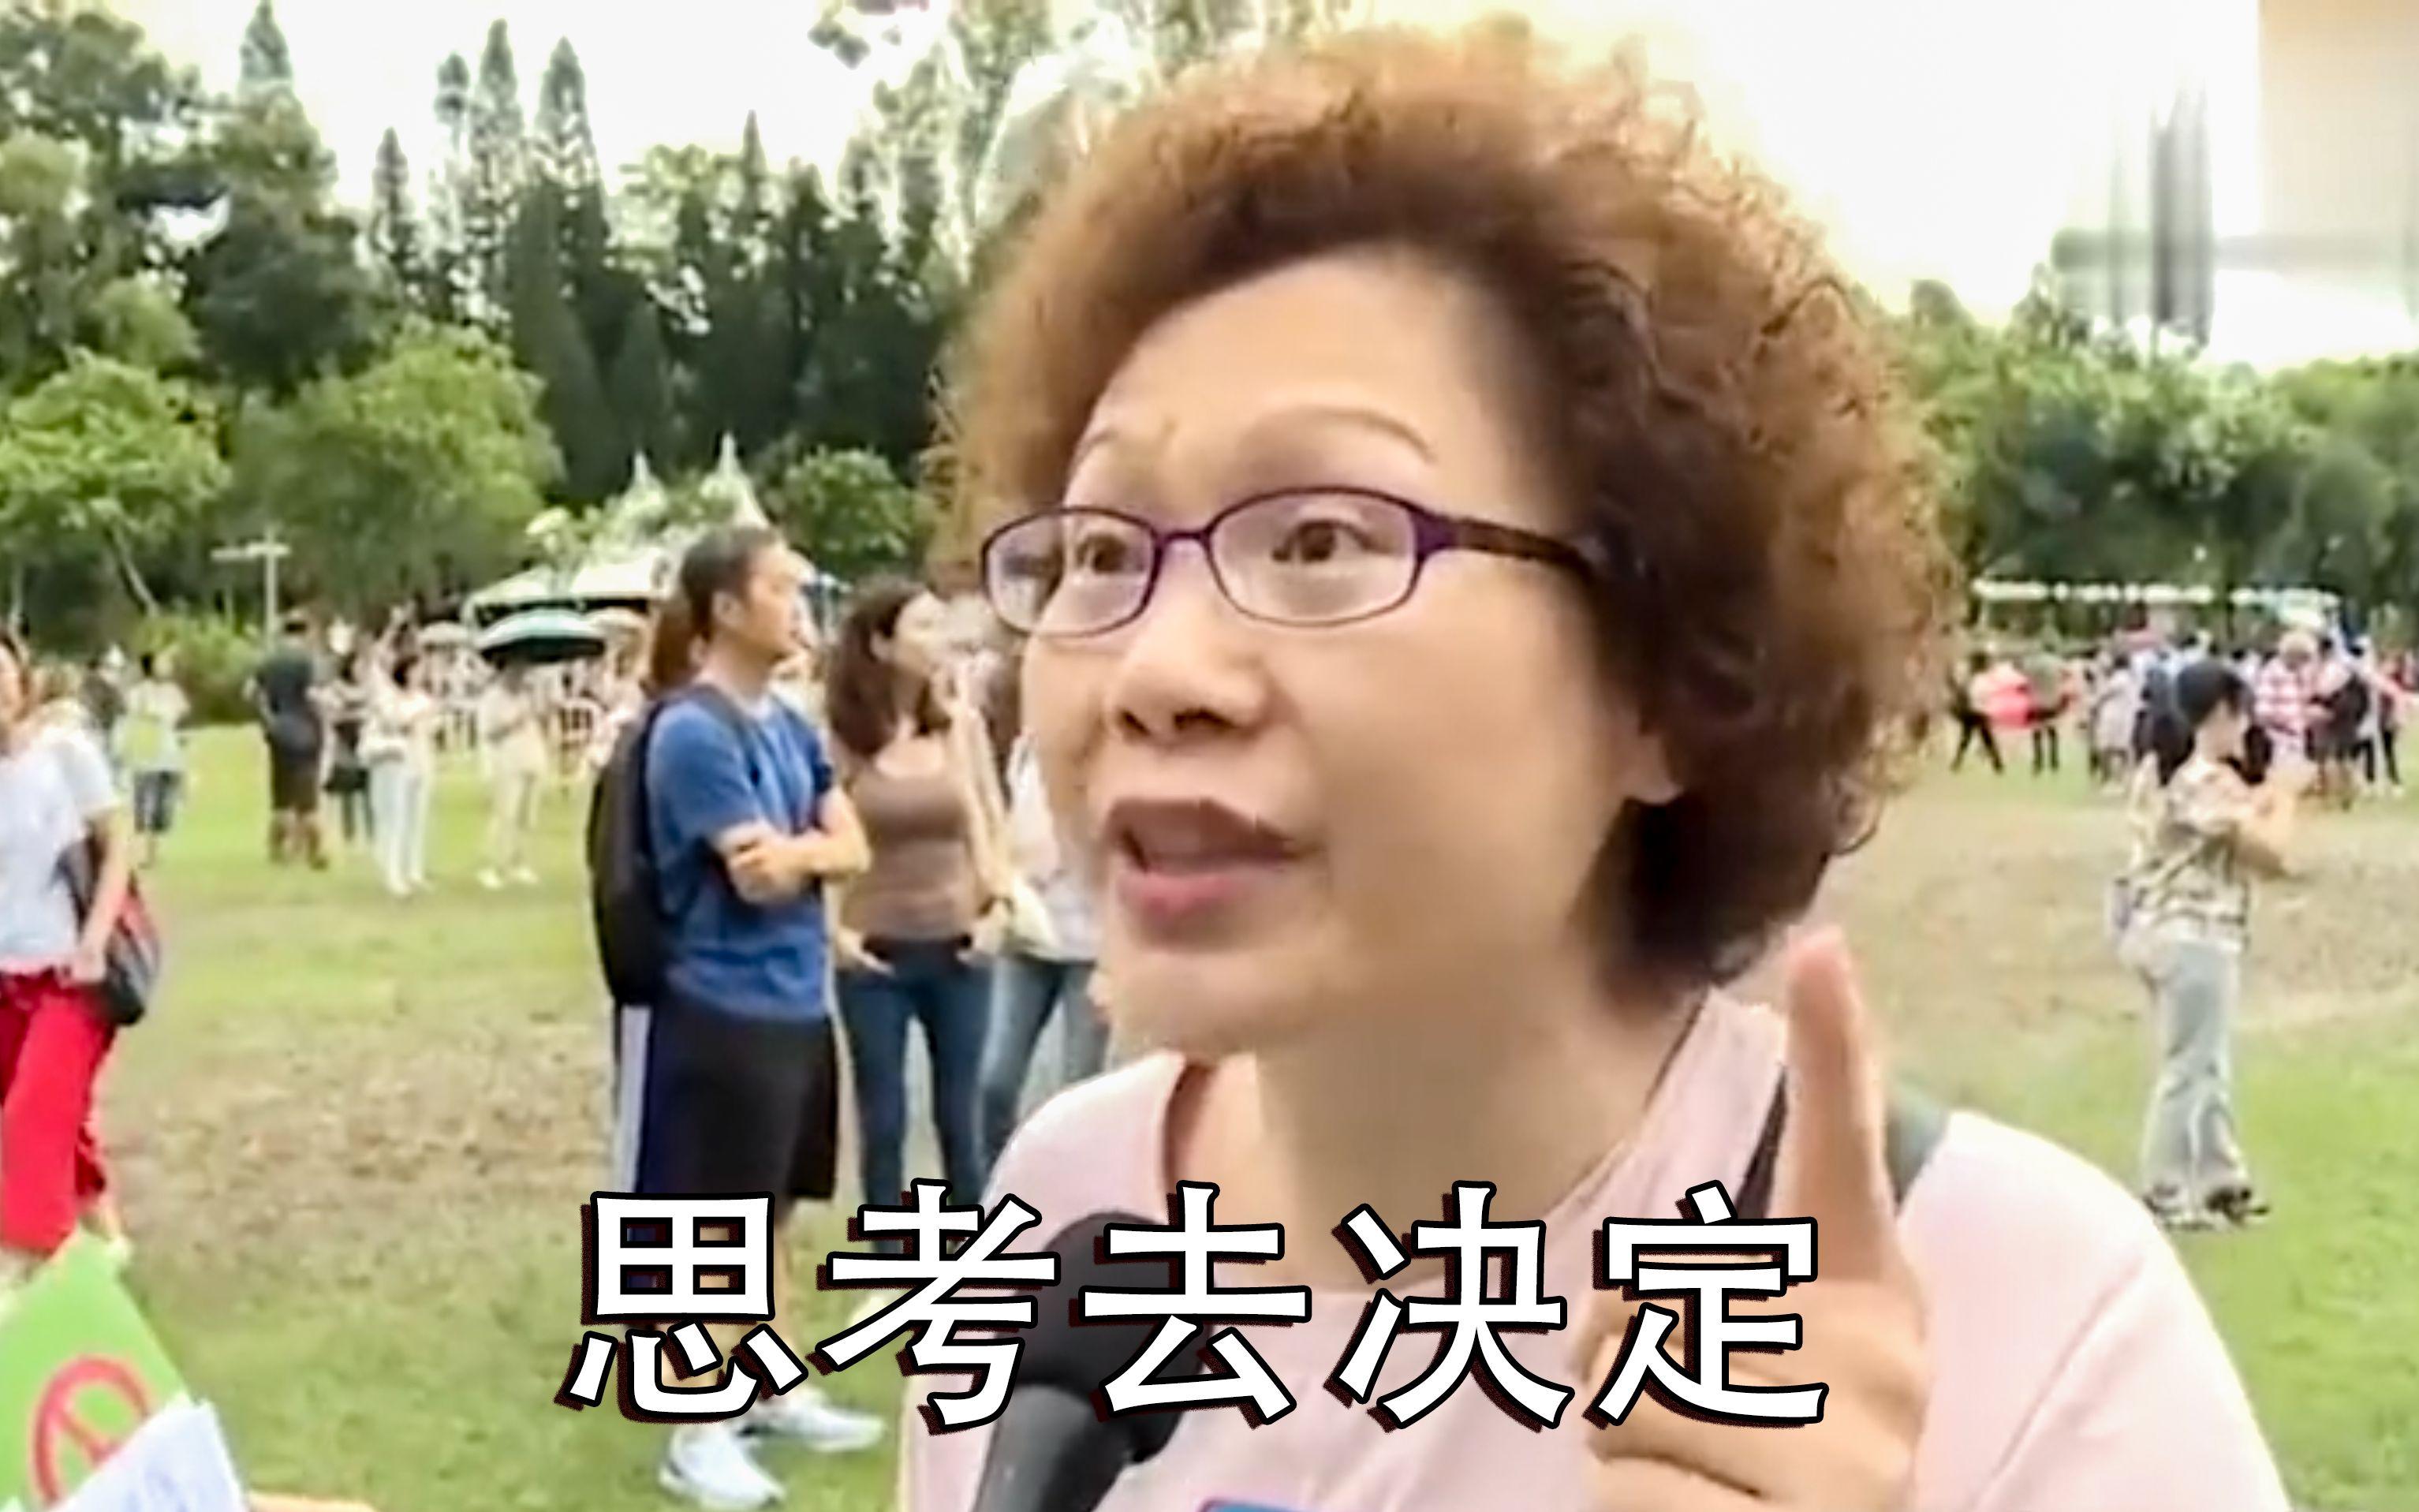 """香港市民:""""把香港弄烂能移民,我们还要在香港揾食!"""""""